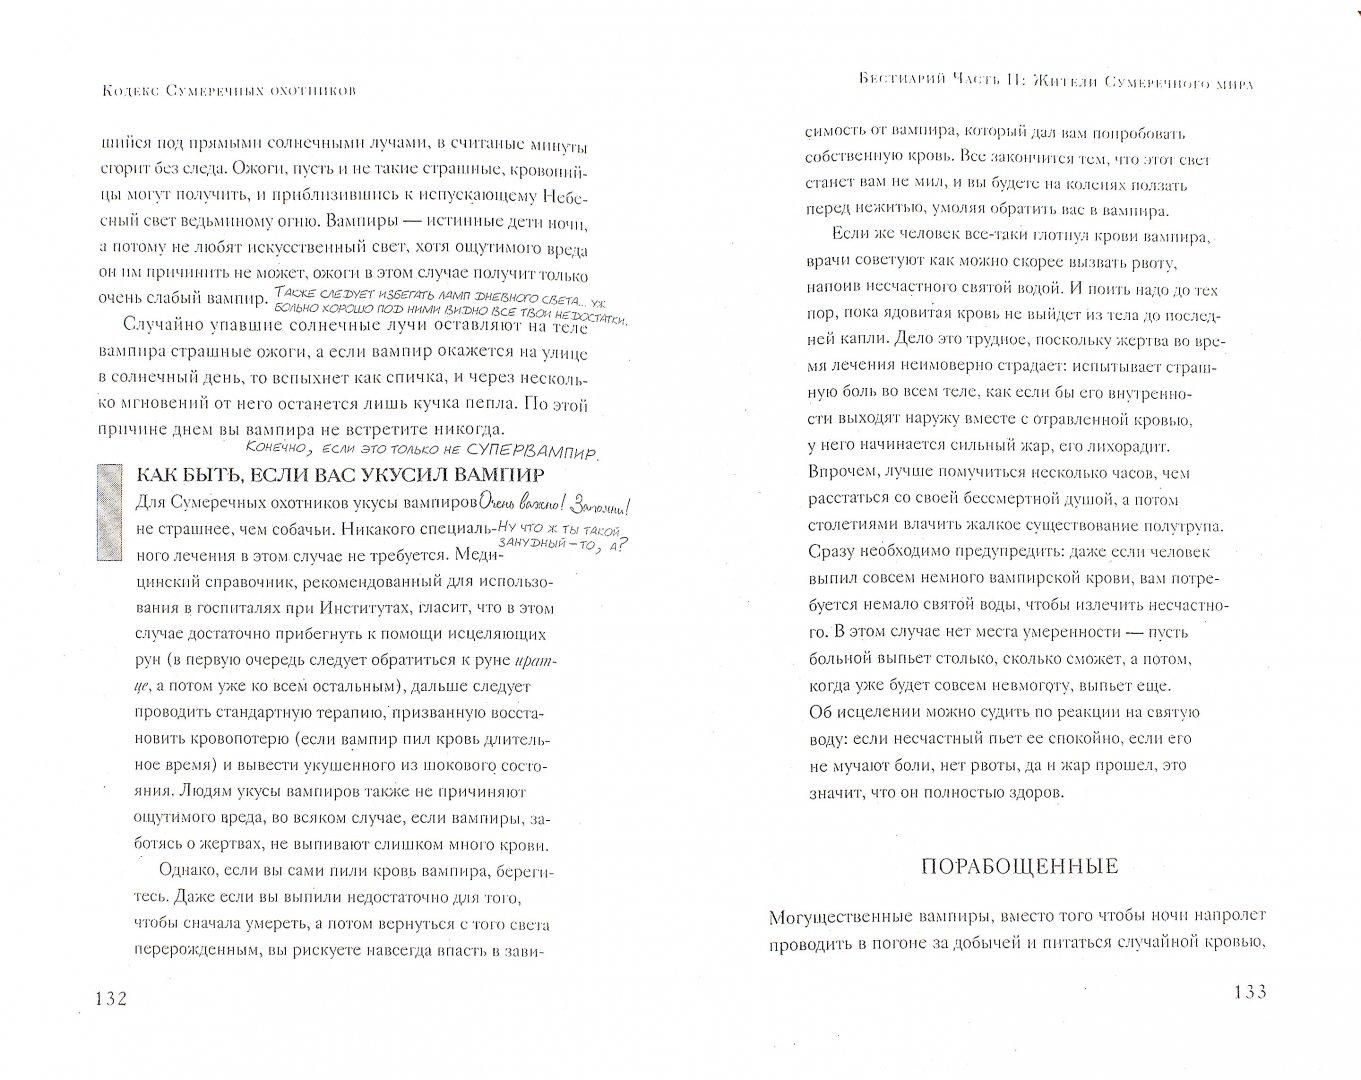 Иллюстрация 1 из 9 для Кодекс Сумеречных охотников - Клэр, Льюис   Лабиринт - книги. Источник: Лабиринт